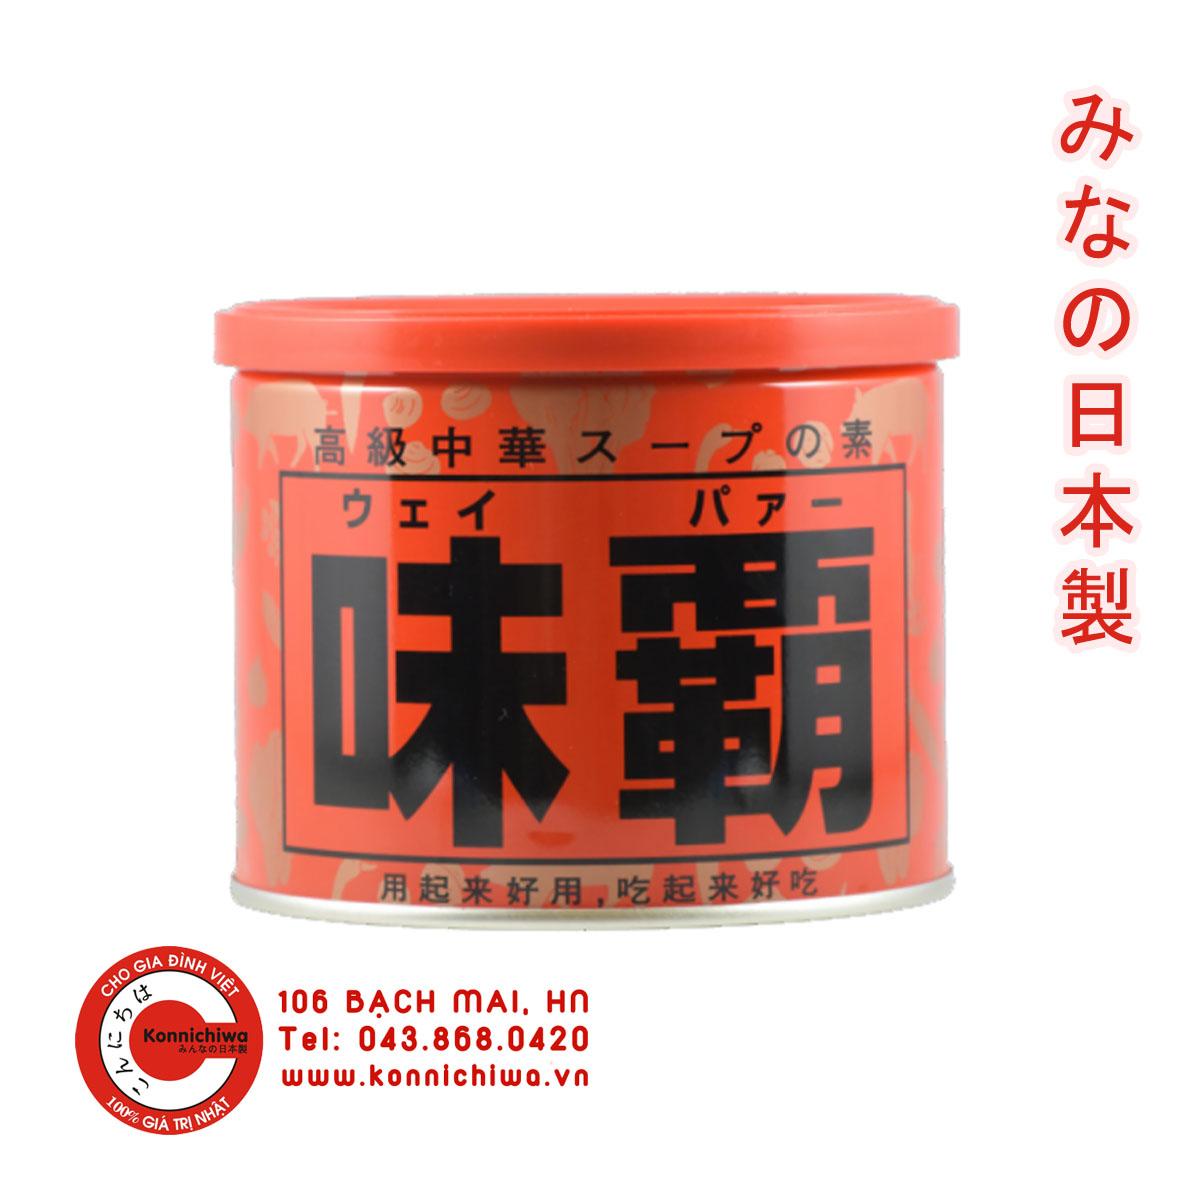 nuoc-xuong-co-dac-hiroshi-weiba-hop-500g